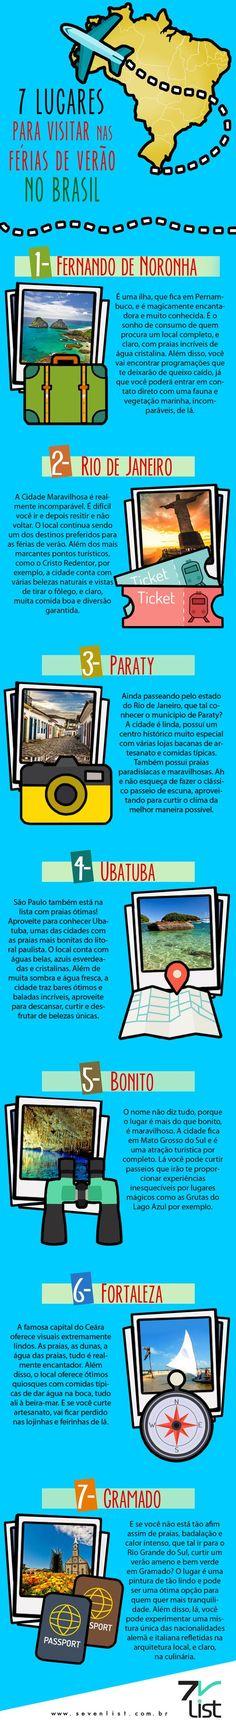 7 lugares para viajar no Brasil: